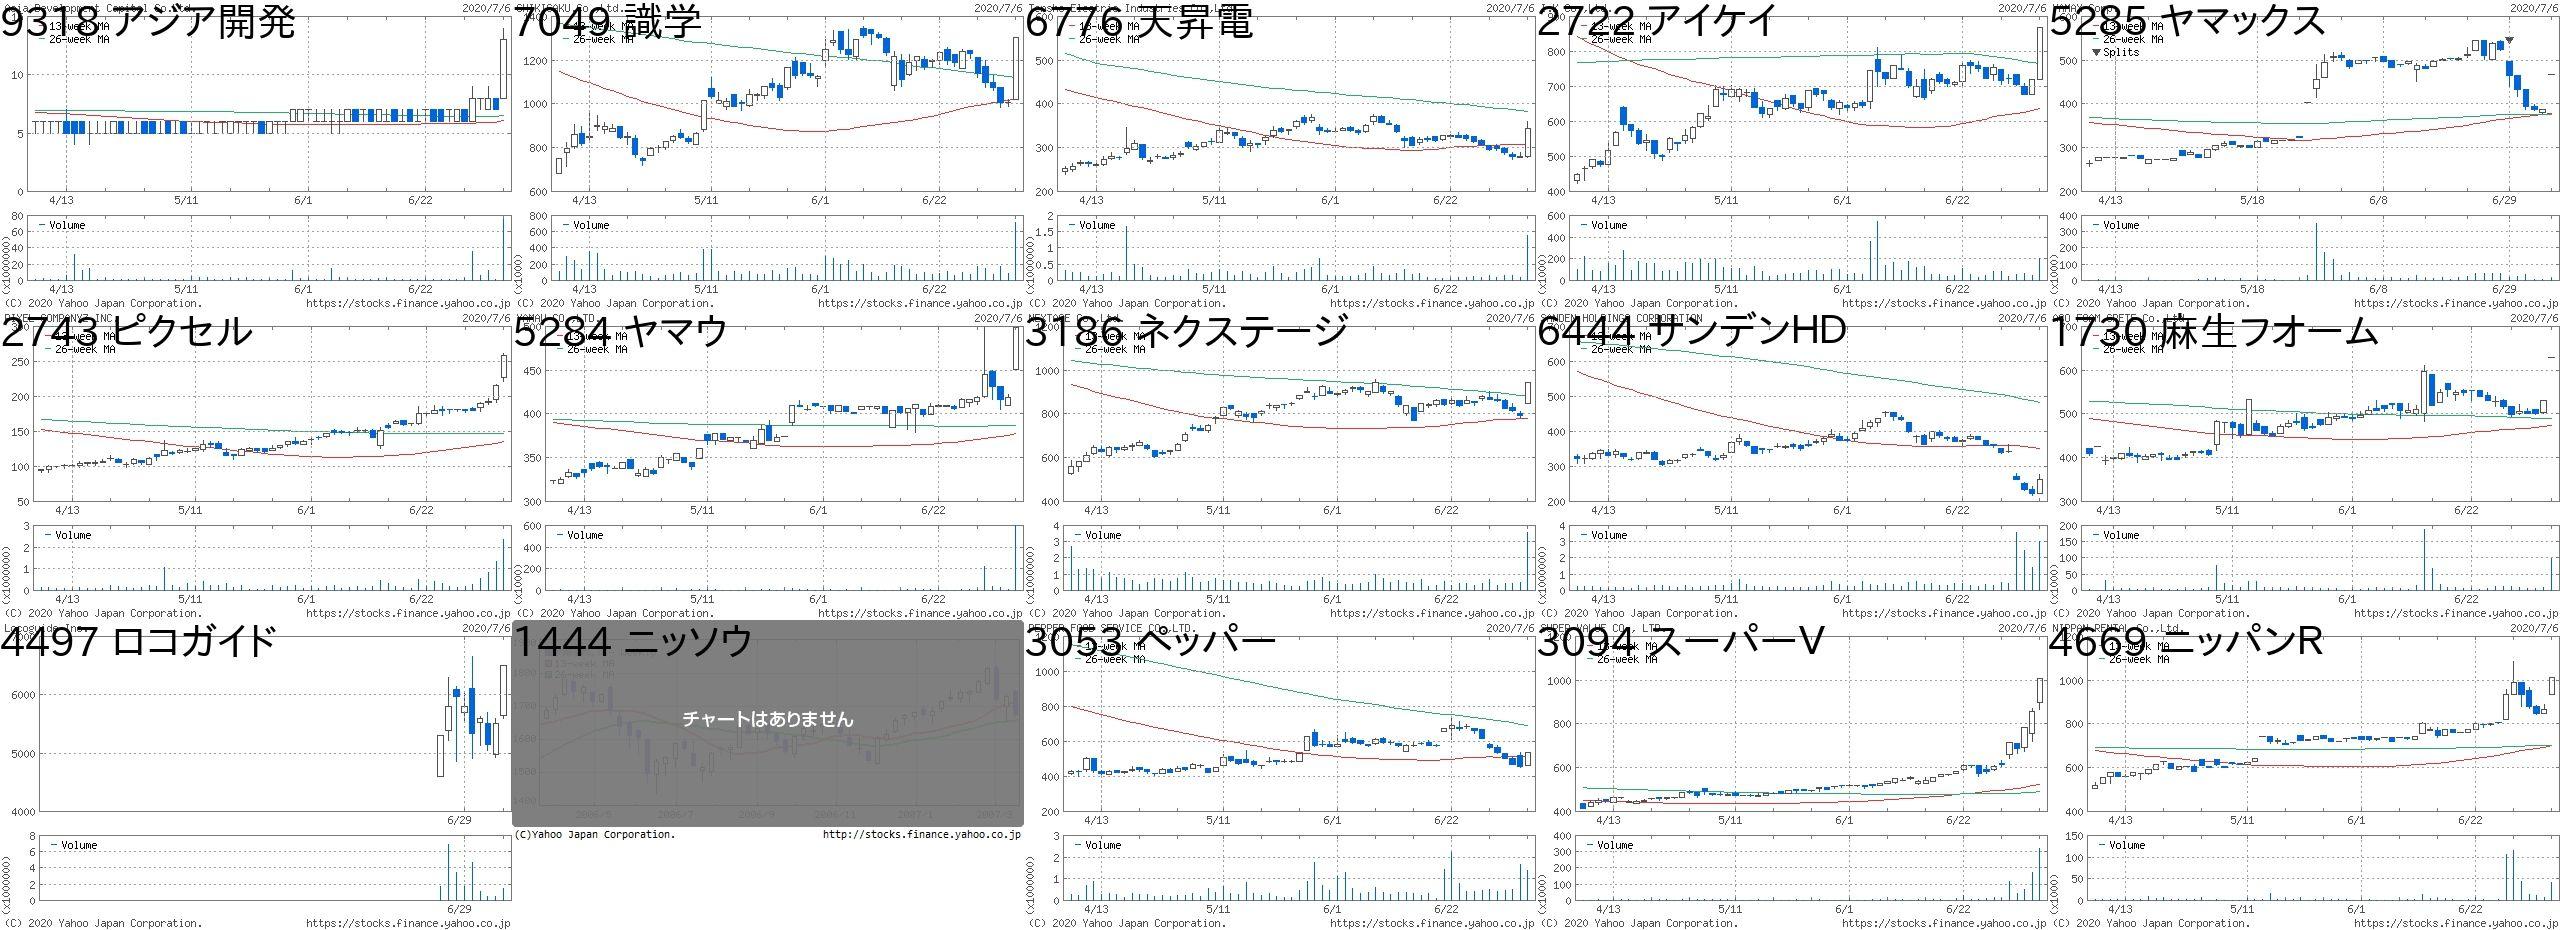 株価 ケイブ